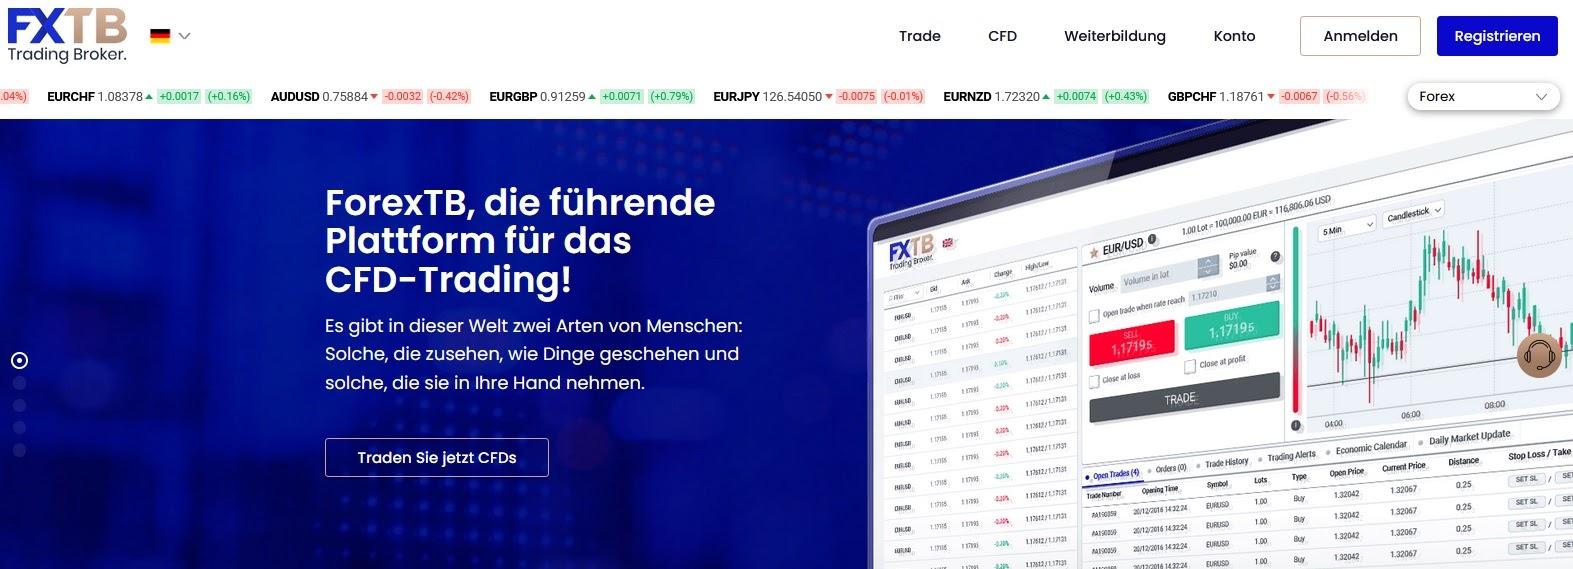 Sitio web y logotipo de FXTB